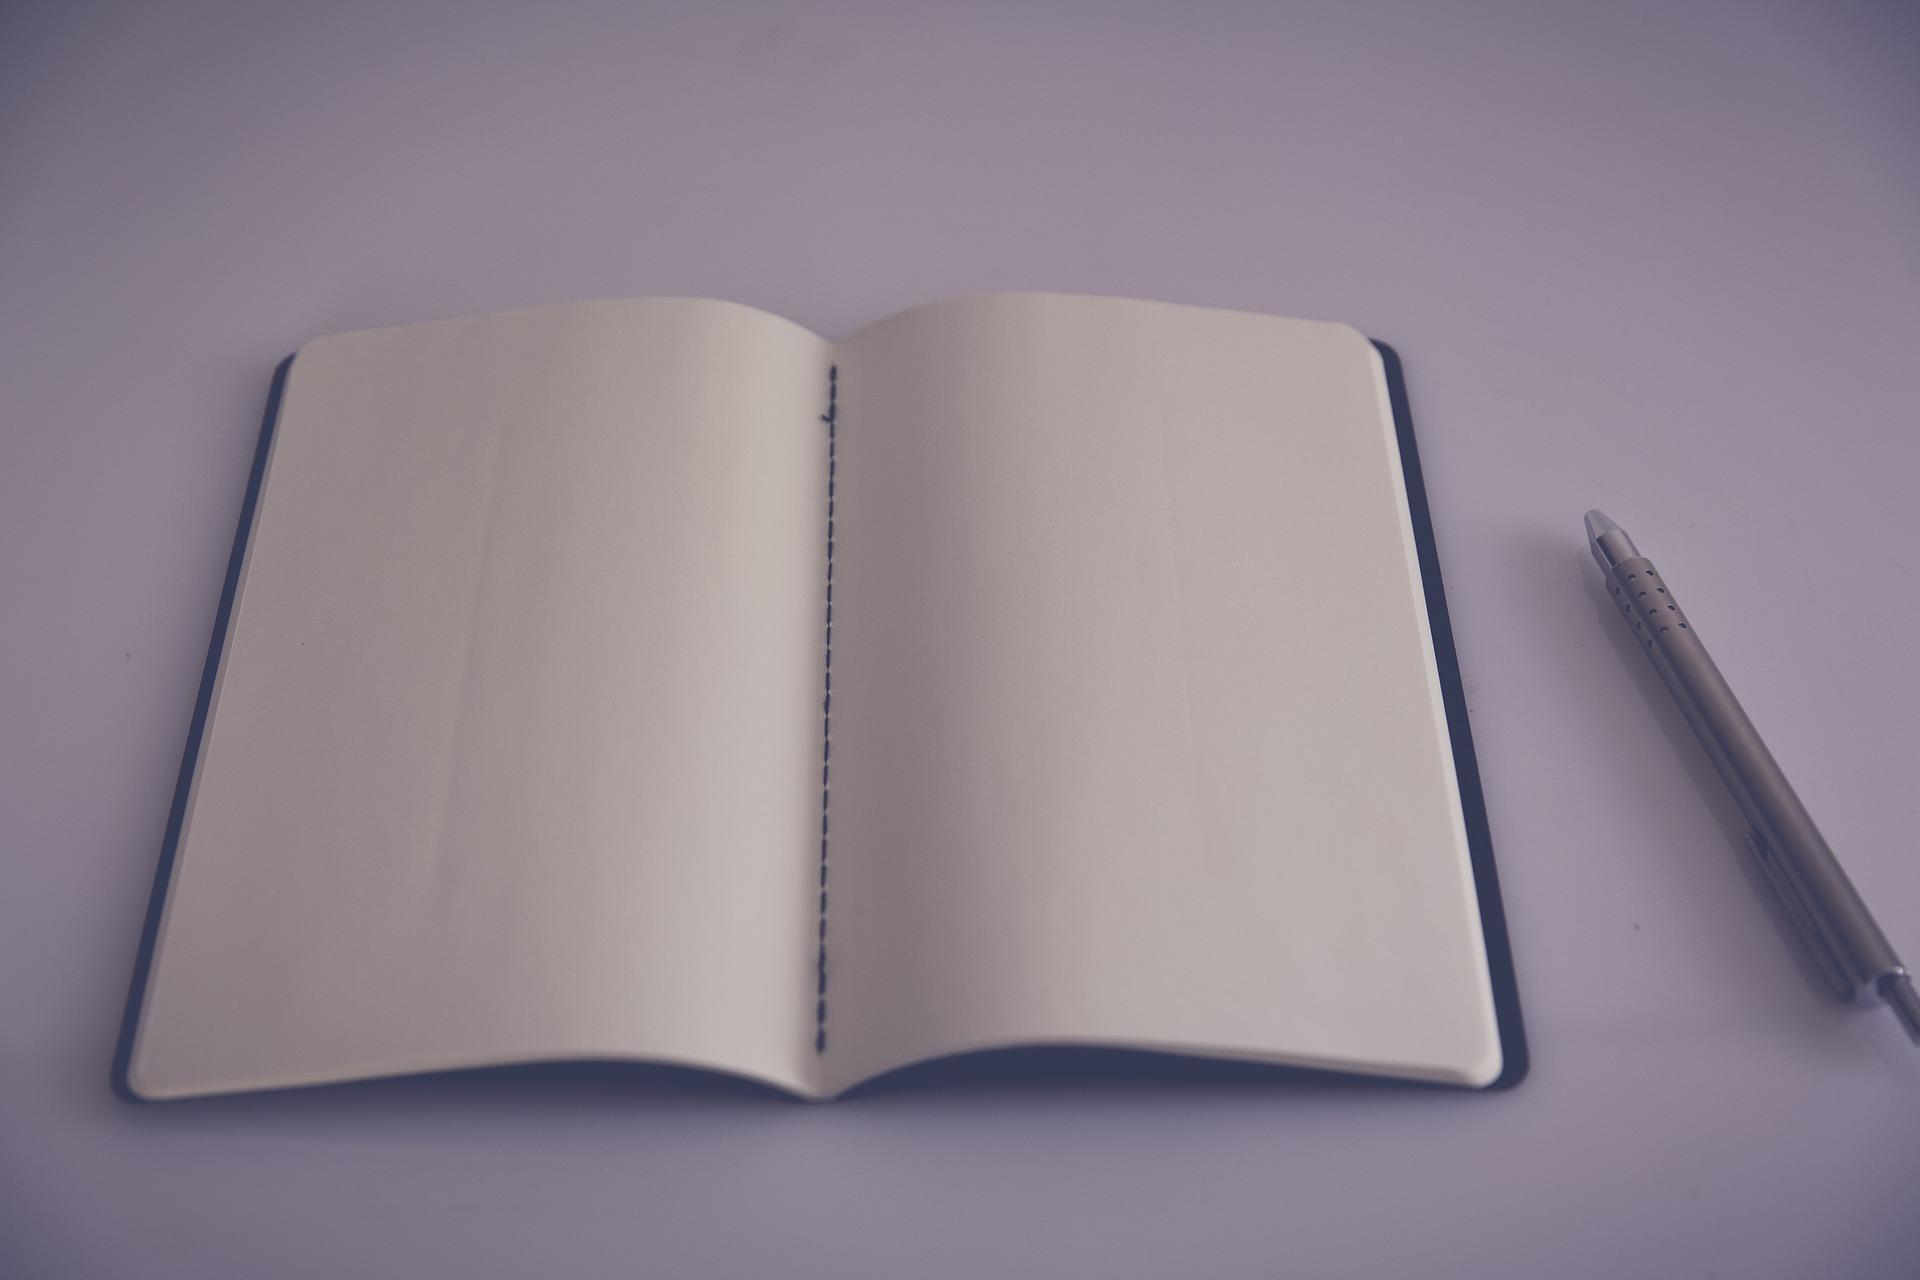 【知識定着の極意】まとめノートの作り方(マインドマップ・マトリクス図)